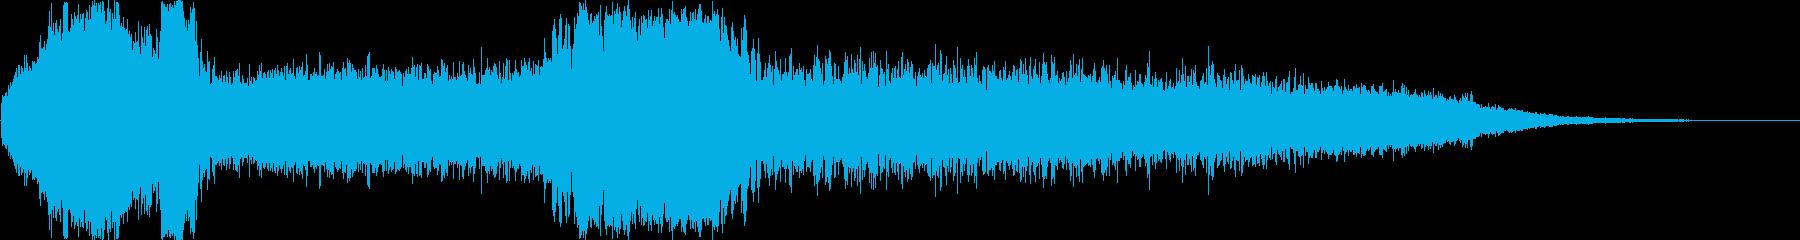 空気弁;重い空気圧、ヒス、およびhistの再生済みの波形